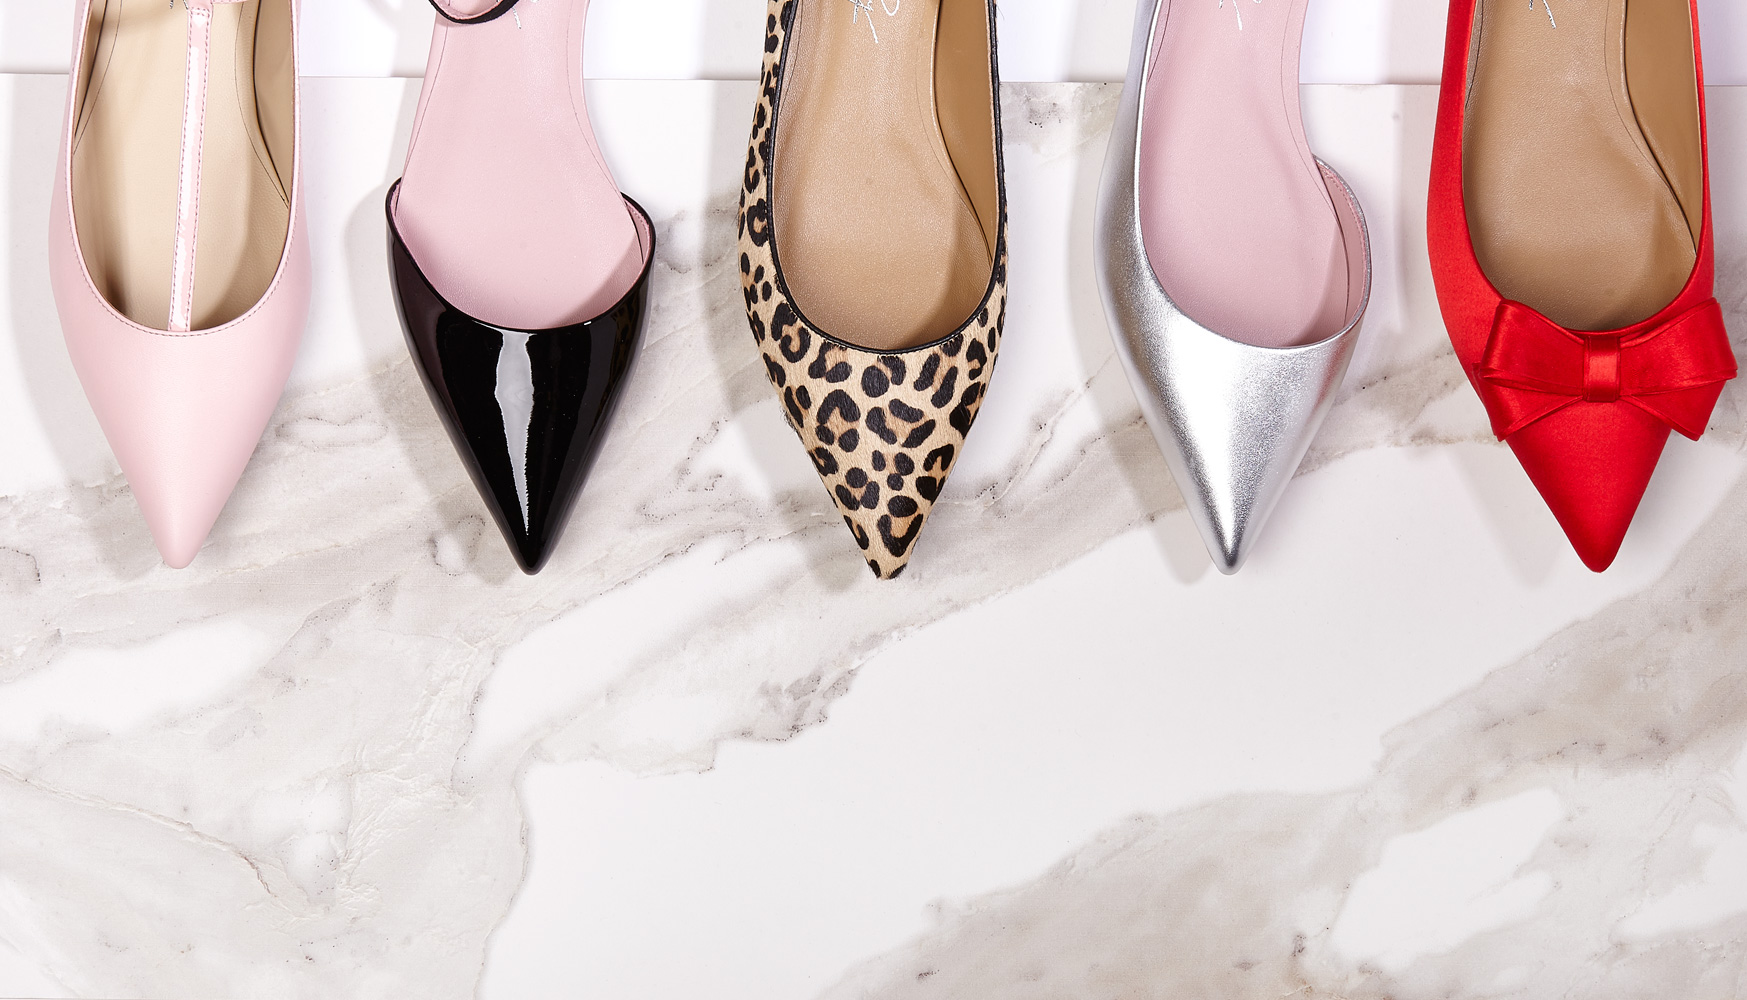 Shoes-of-prey114.jpg